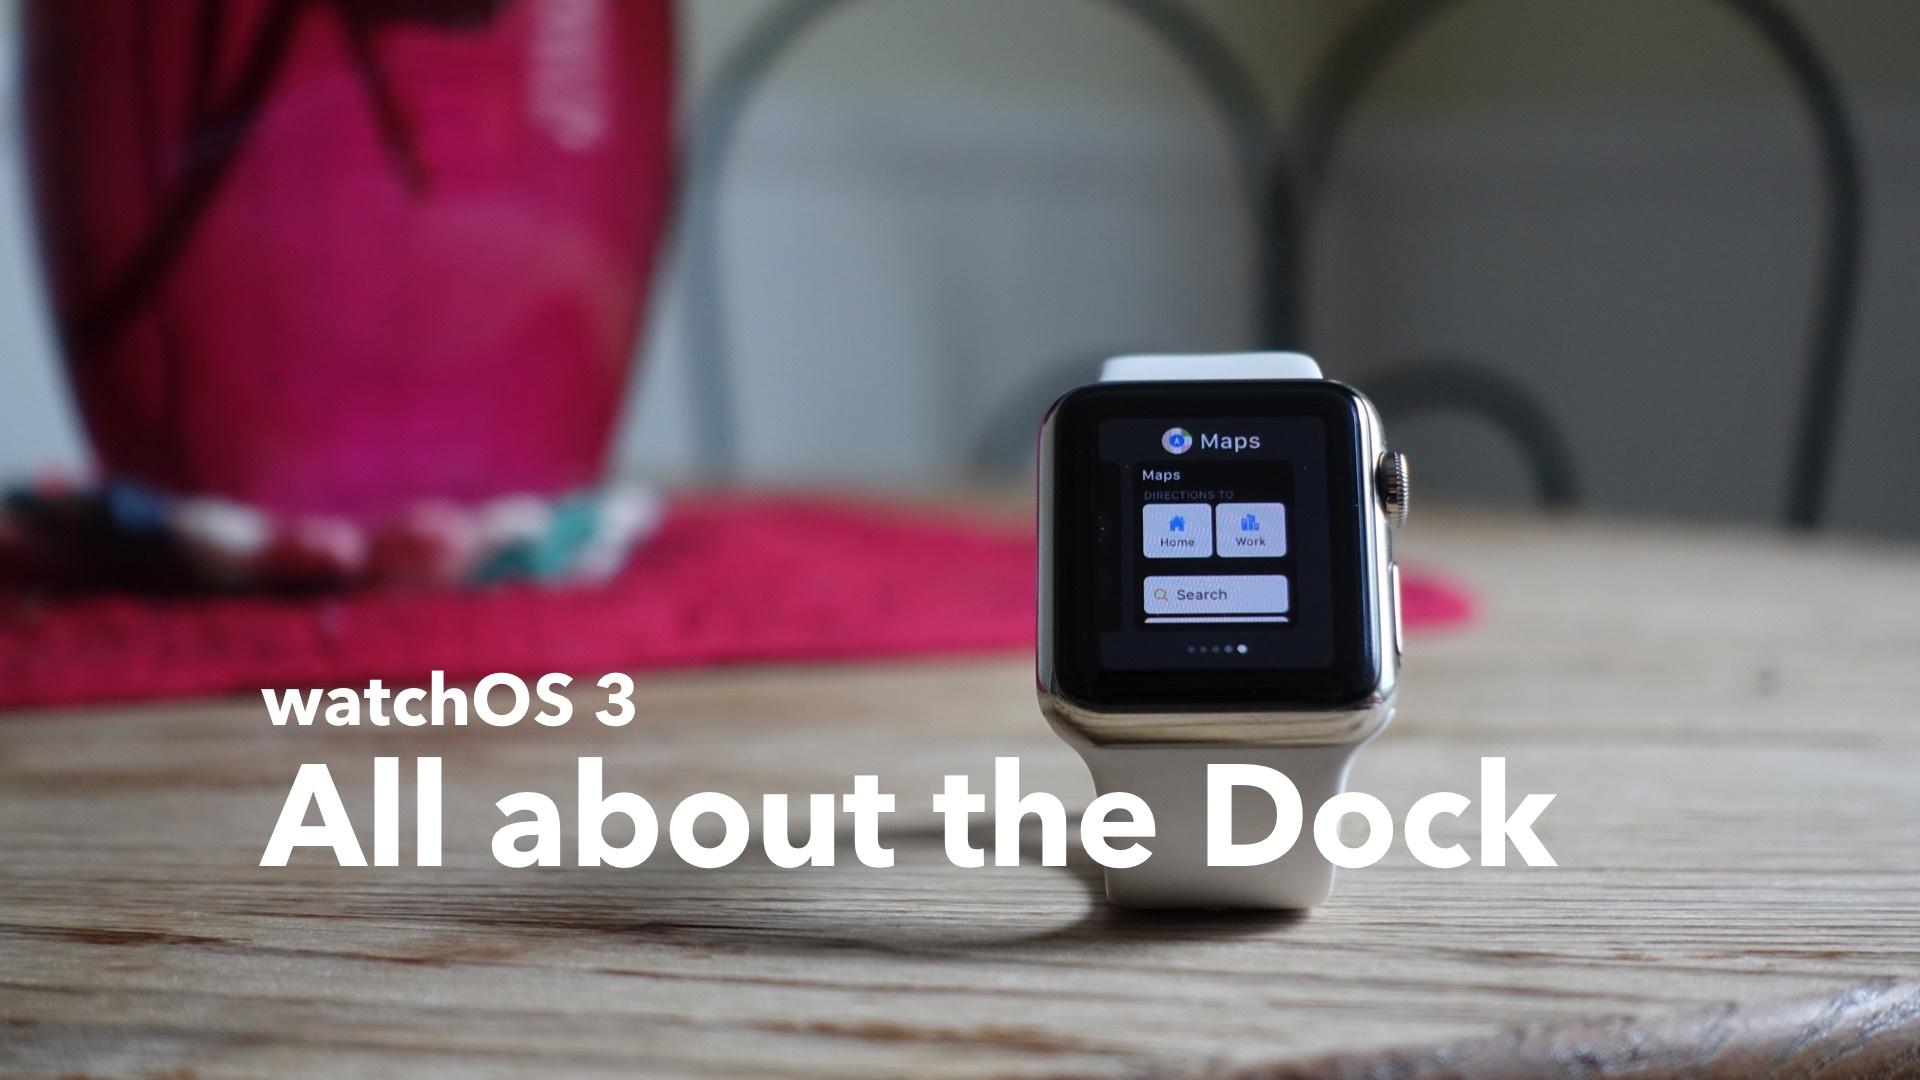 【watchOS 3】最大の目玉機能「Dock(ドック)」の使い方まとめ